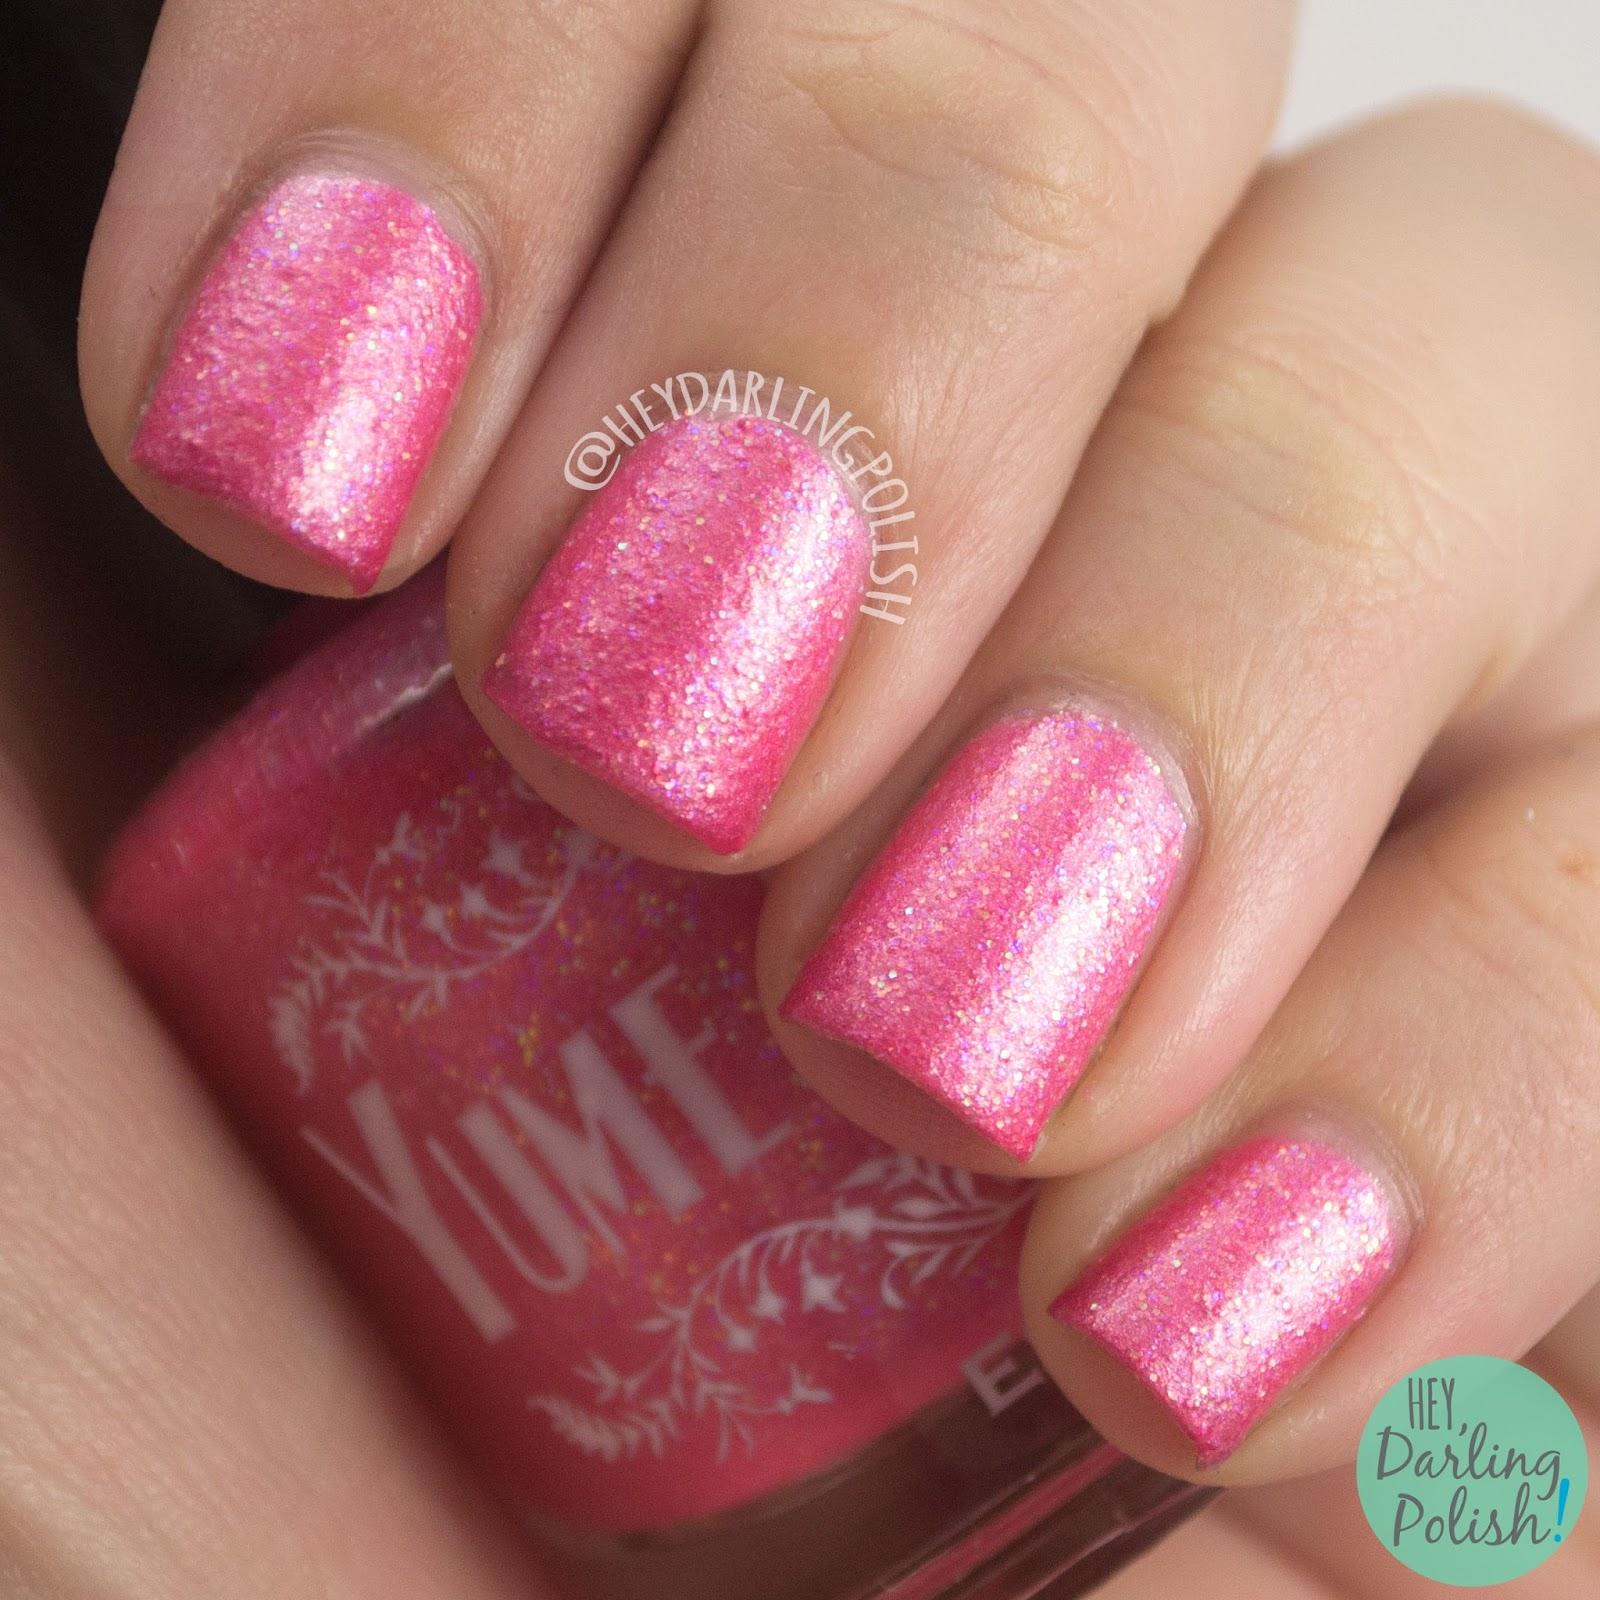 pink lady, pink, texture, nails, nail polish, indie polish, yume lacquer, hey darling polish, sailor moon, swatches, review